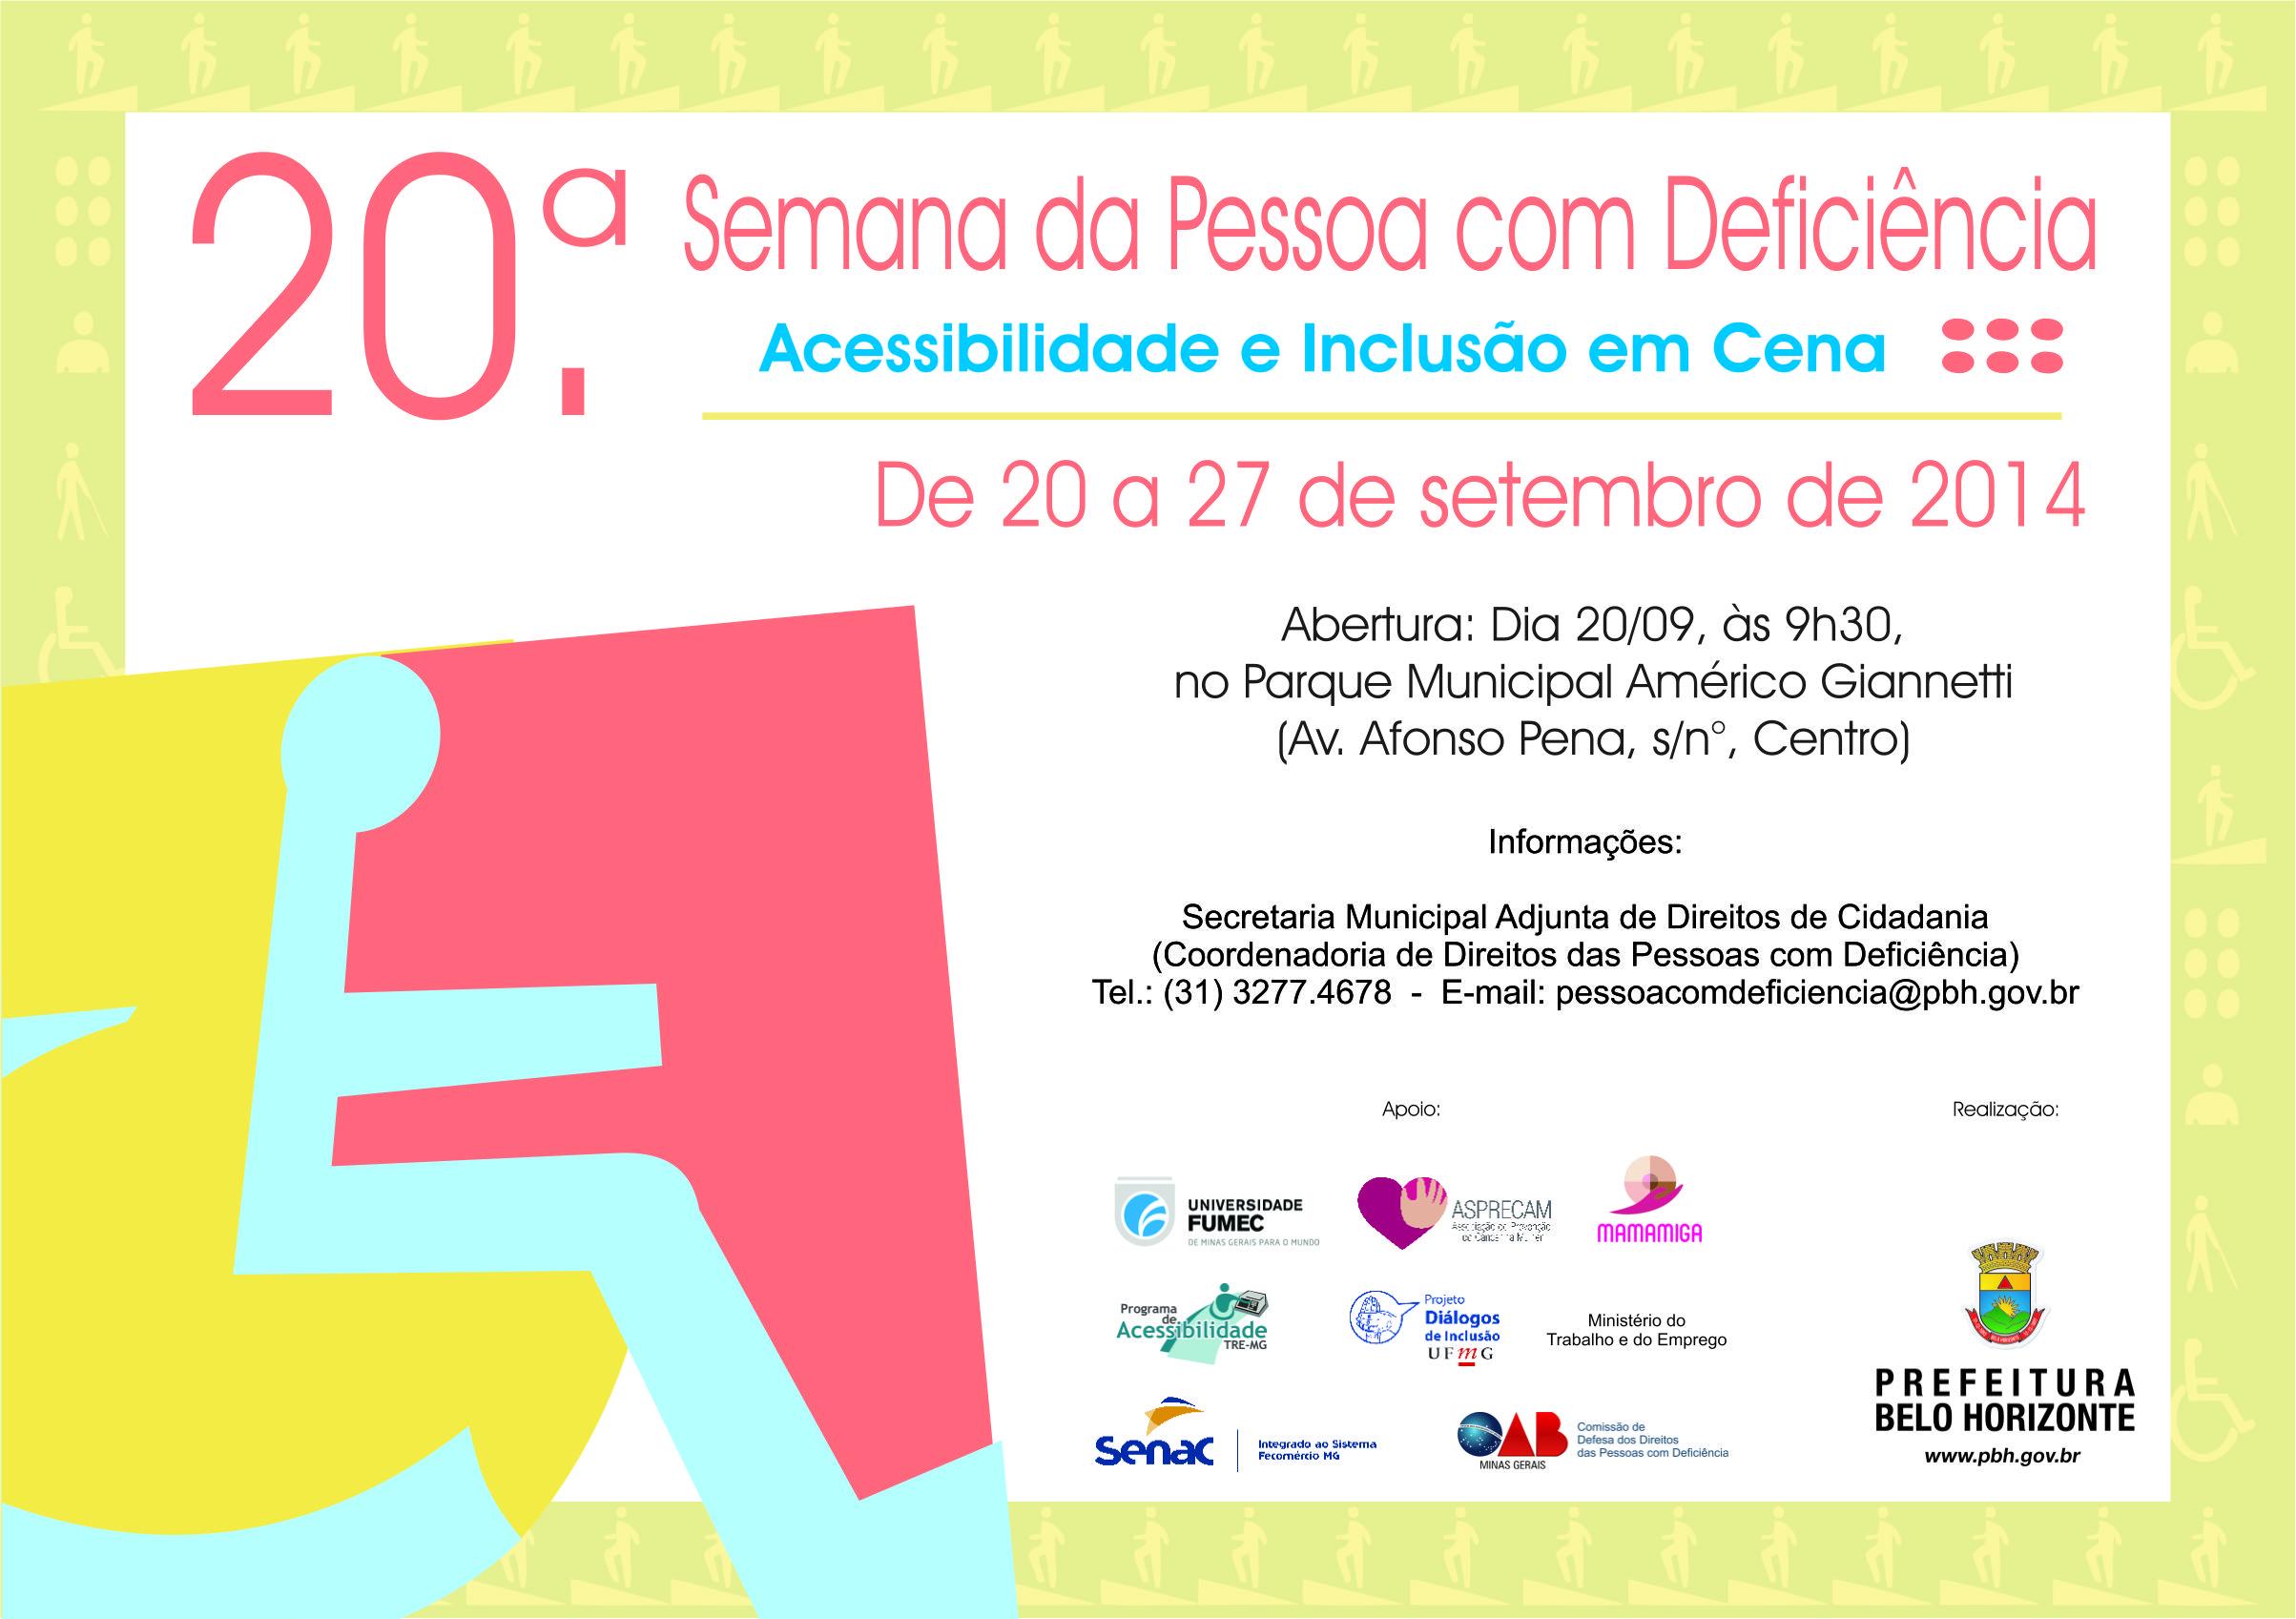 20ª Semana da Pessoa com Deficiência